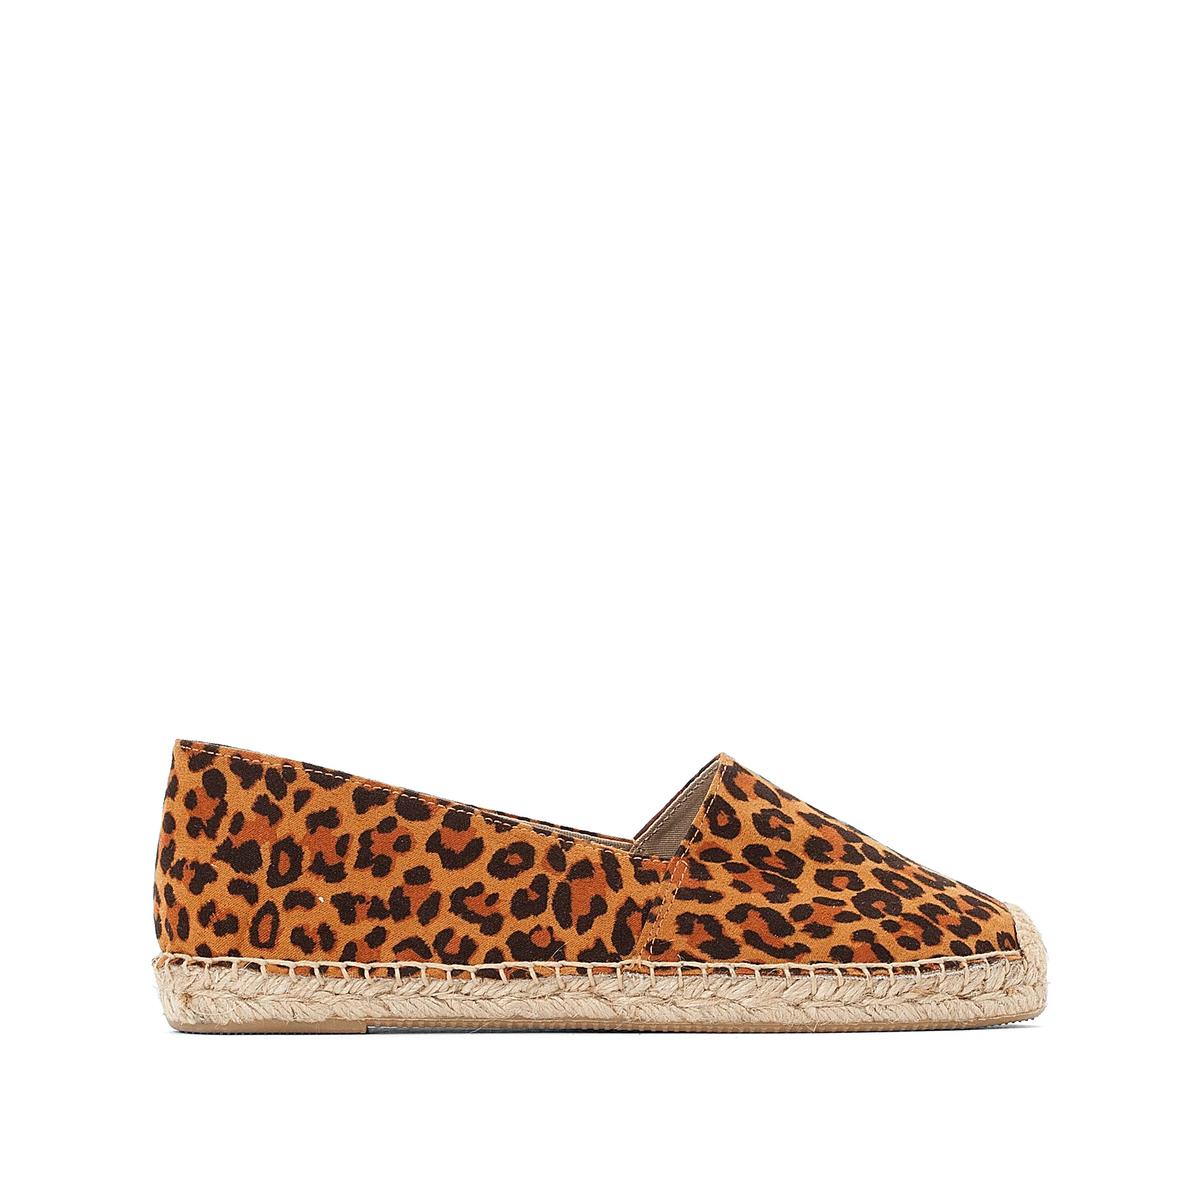 Туфли-эспадрильи La Redoute Без задника с леопардовым рисунком 41 каштановый туфли без задника кожаные с блестящими деталями